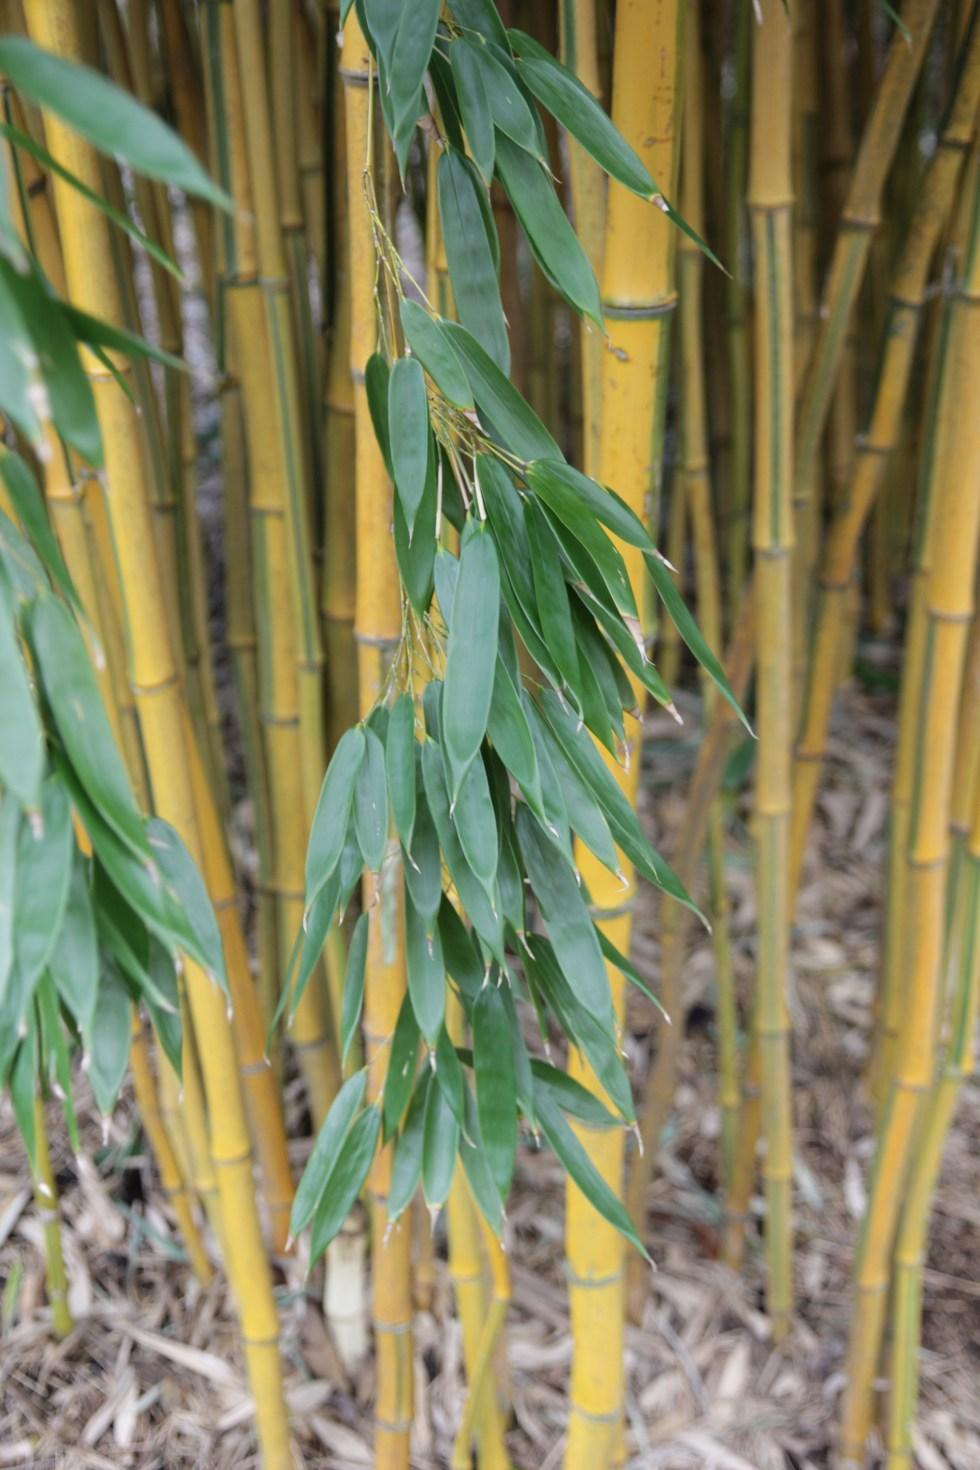 phyllostachys aureosulcata specabilis 4 Plant of the week Phyllostachys aureosulcata f. spectabilis